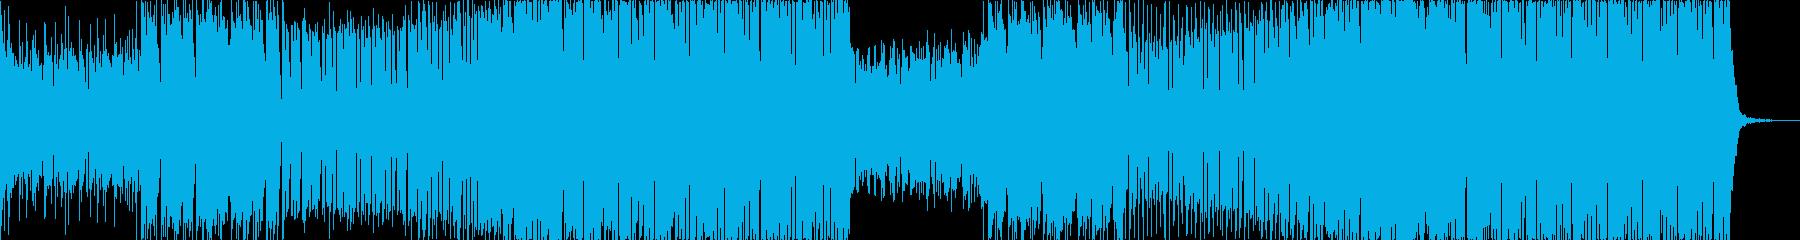 かっこいいエレクトロハウスの再生済みの波形